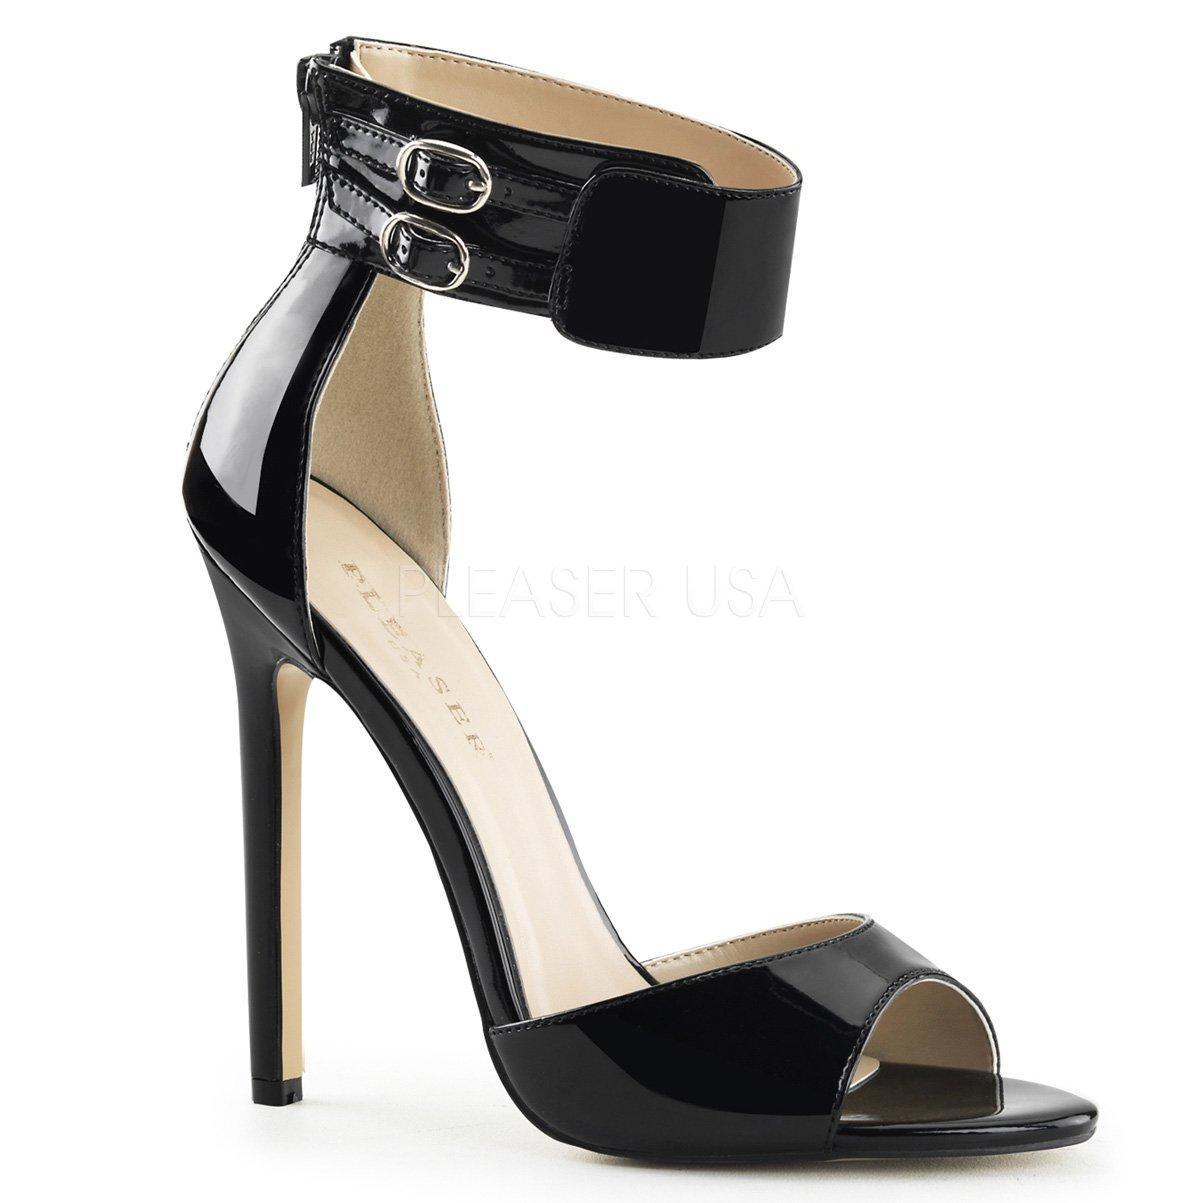 38d990ded27 SEXY-19 Jednoduché černé lakované sandálky s širokým páskem kolem kotníku